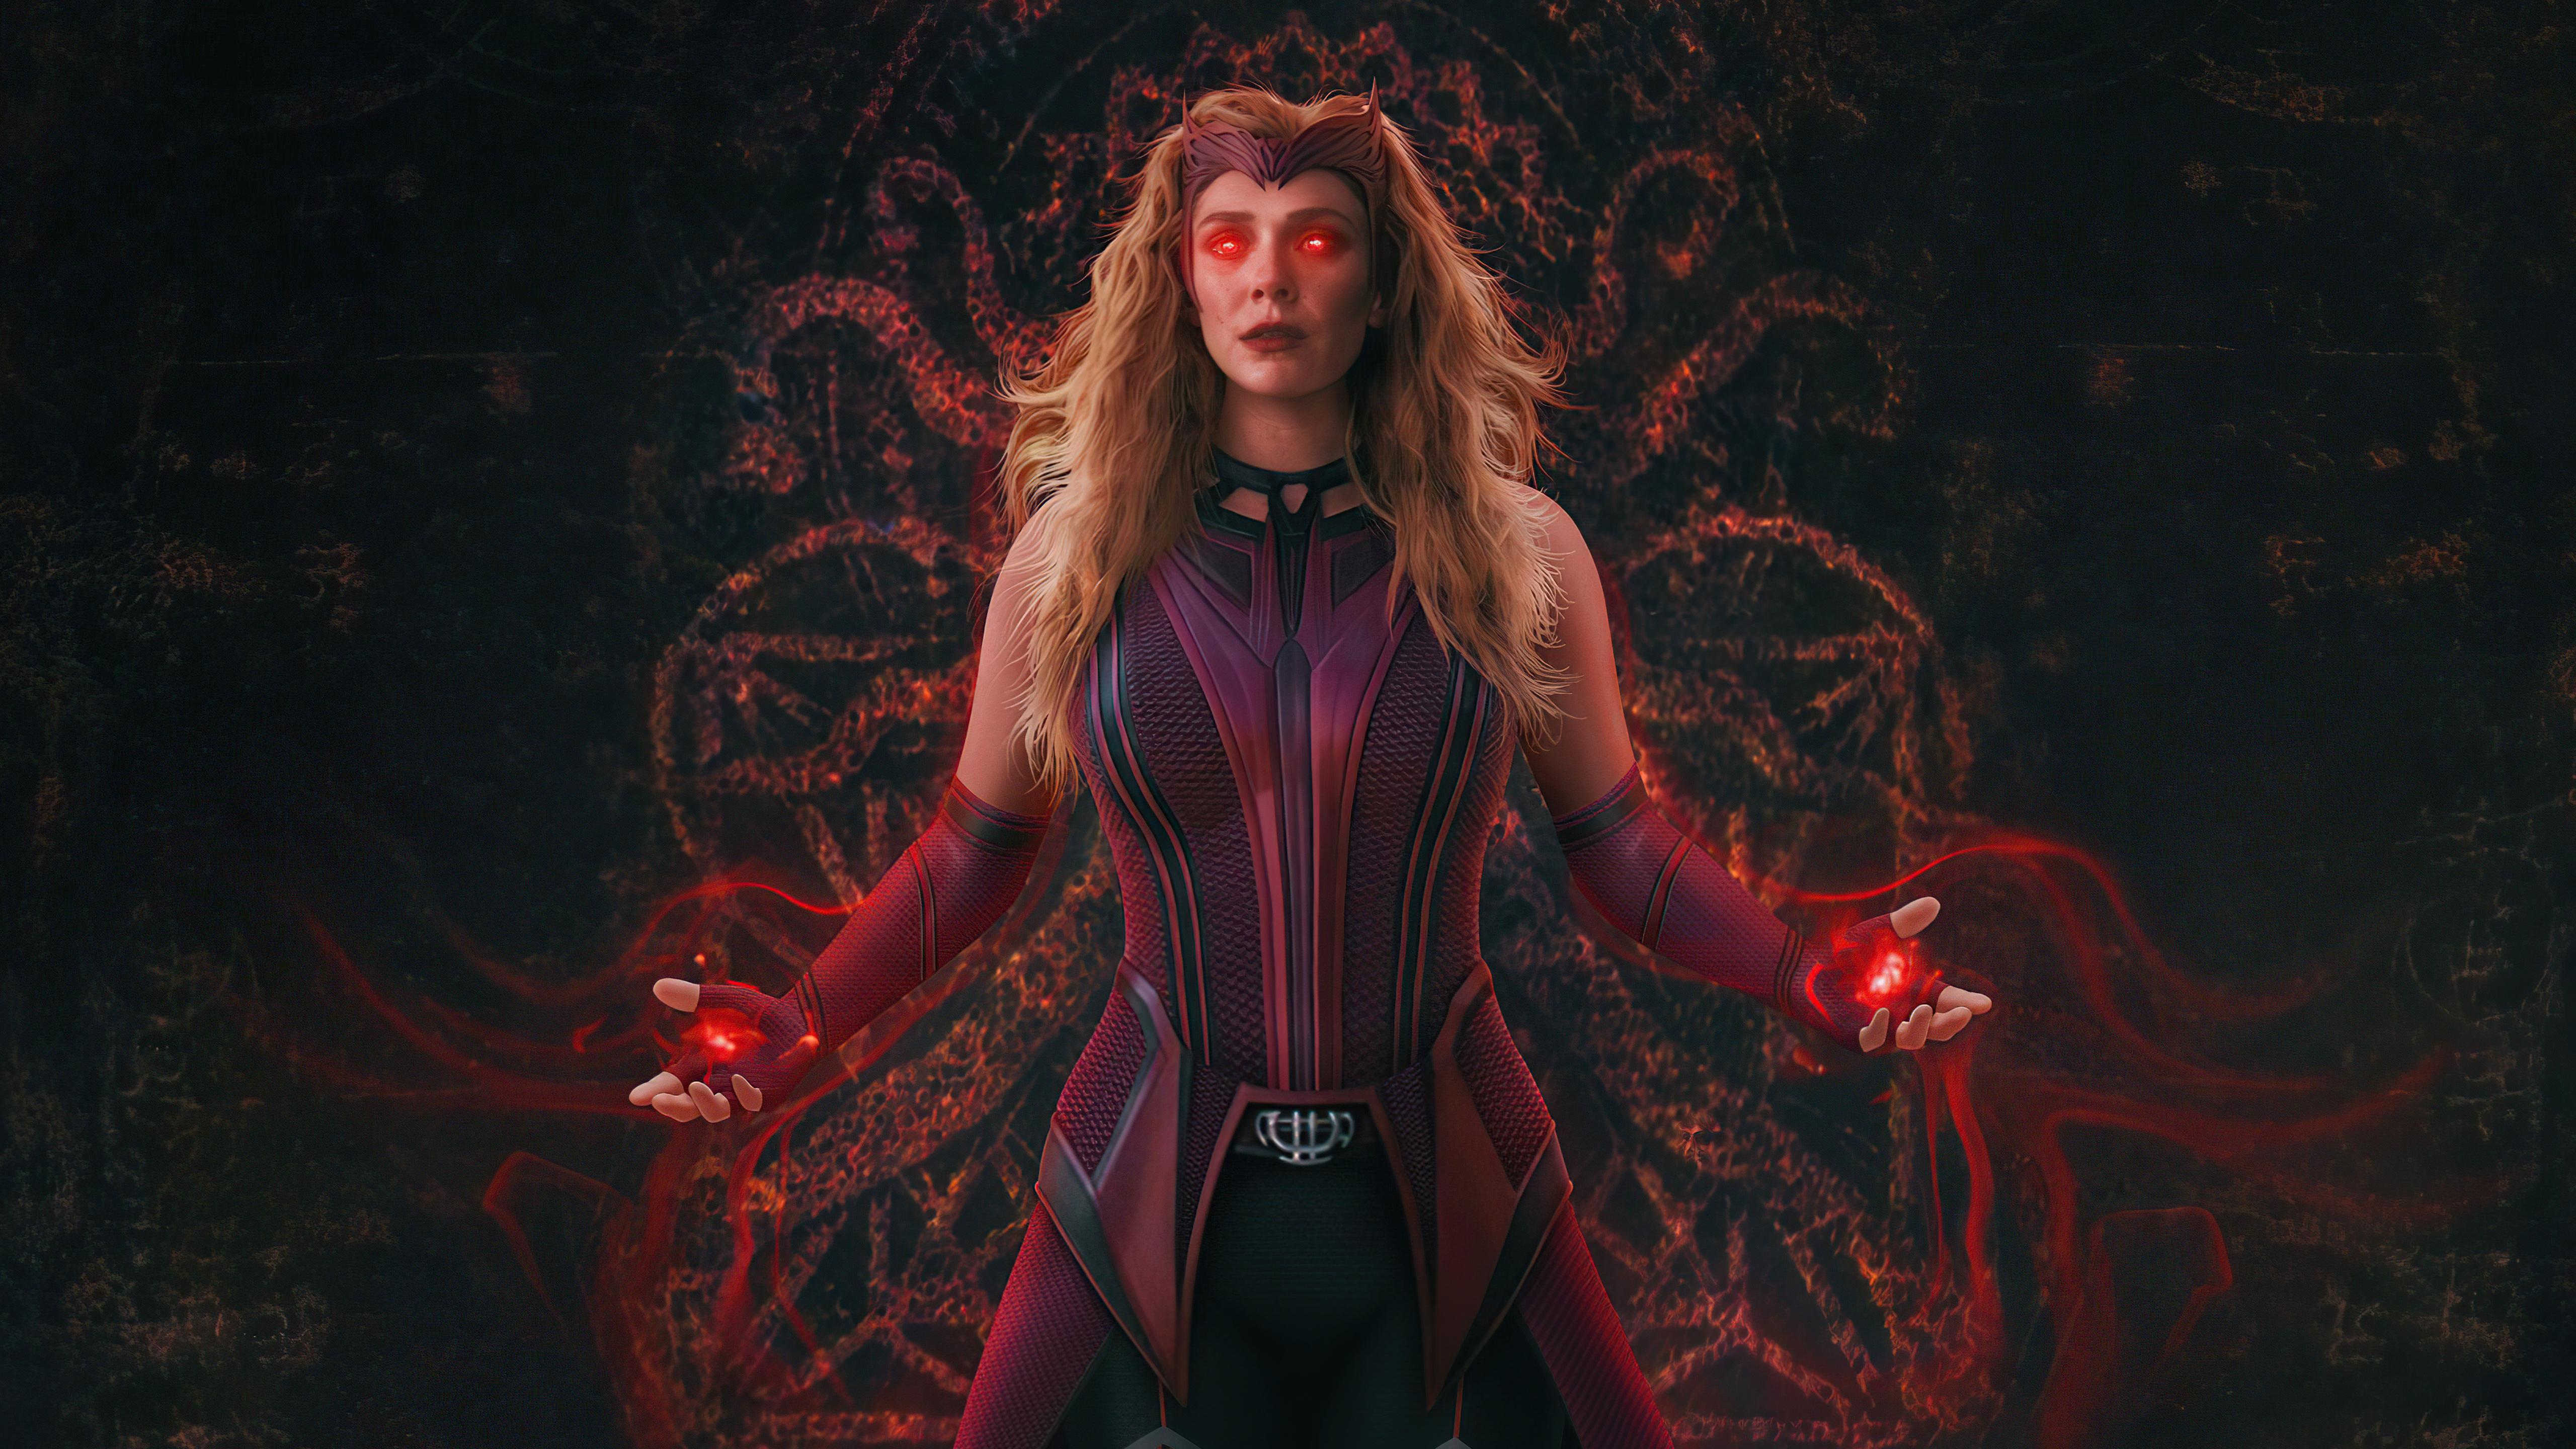 wanda vision scarlet witch 4k 1626910842 - Wanda Vision Scarlet Witch 4k - Wanda Vision Scarlet Witch 4k wallpapers